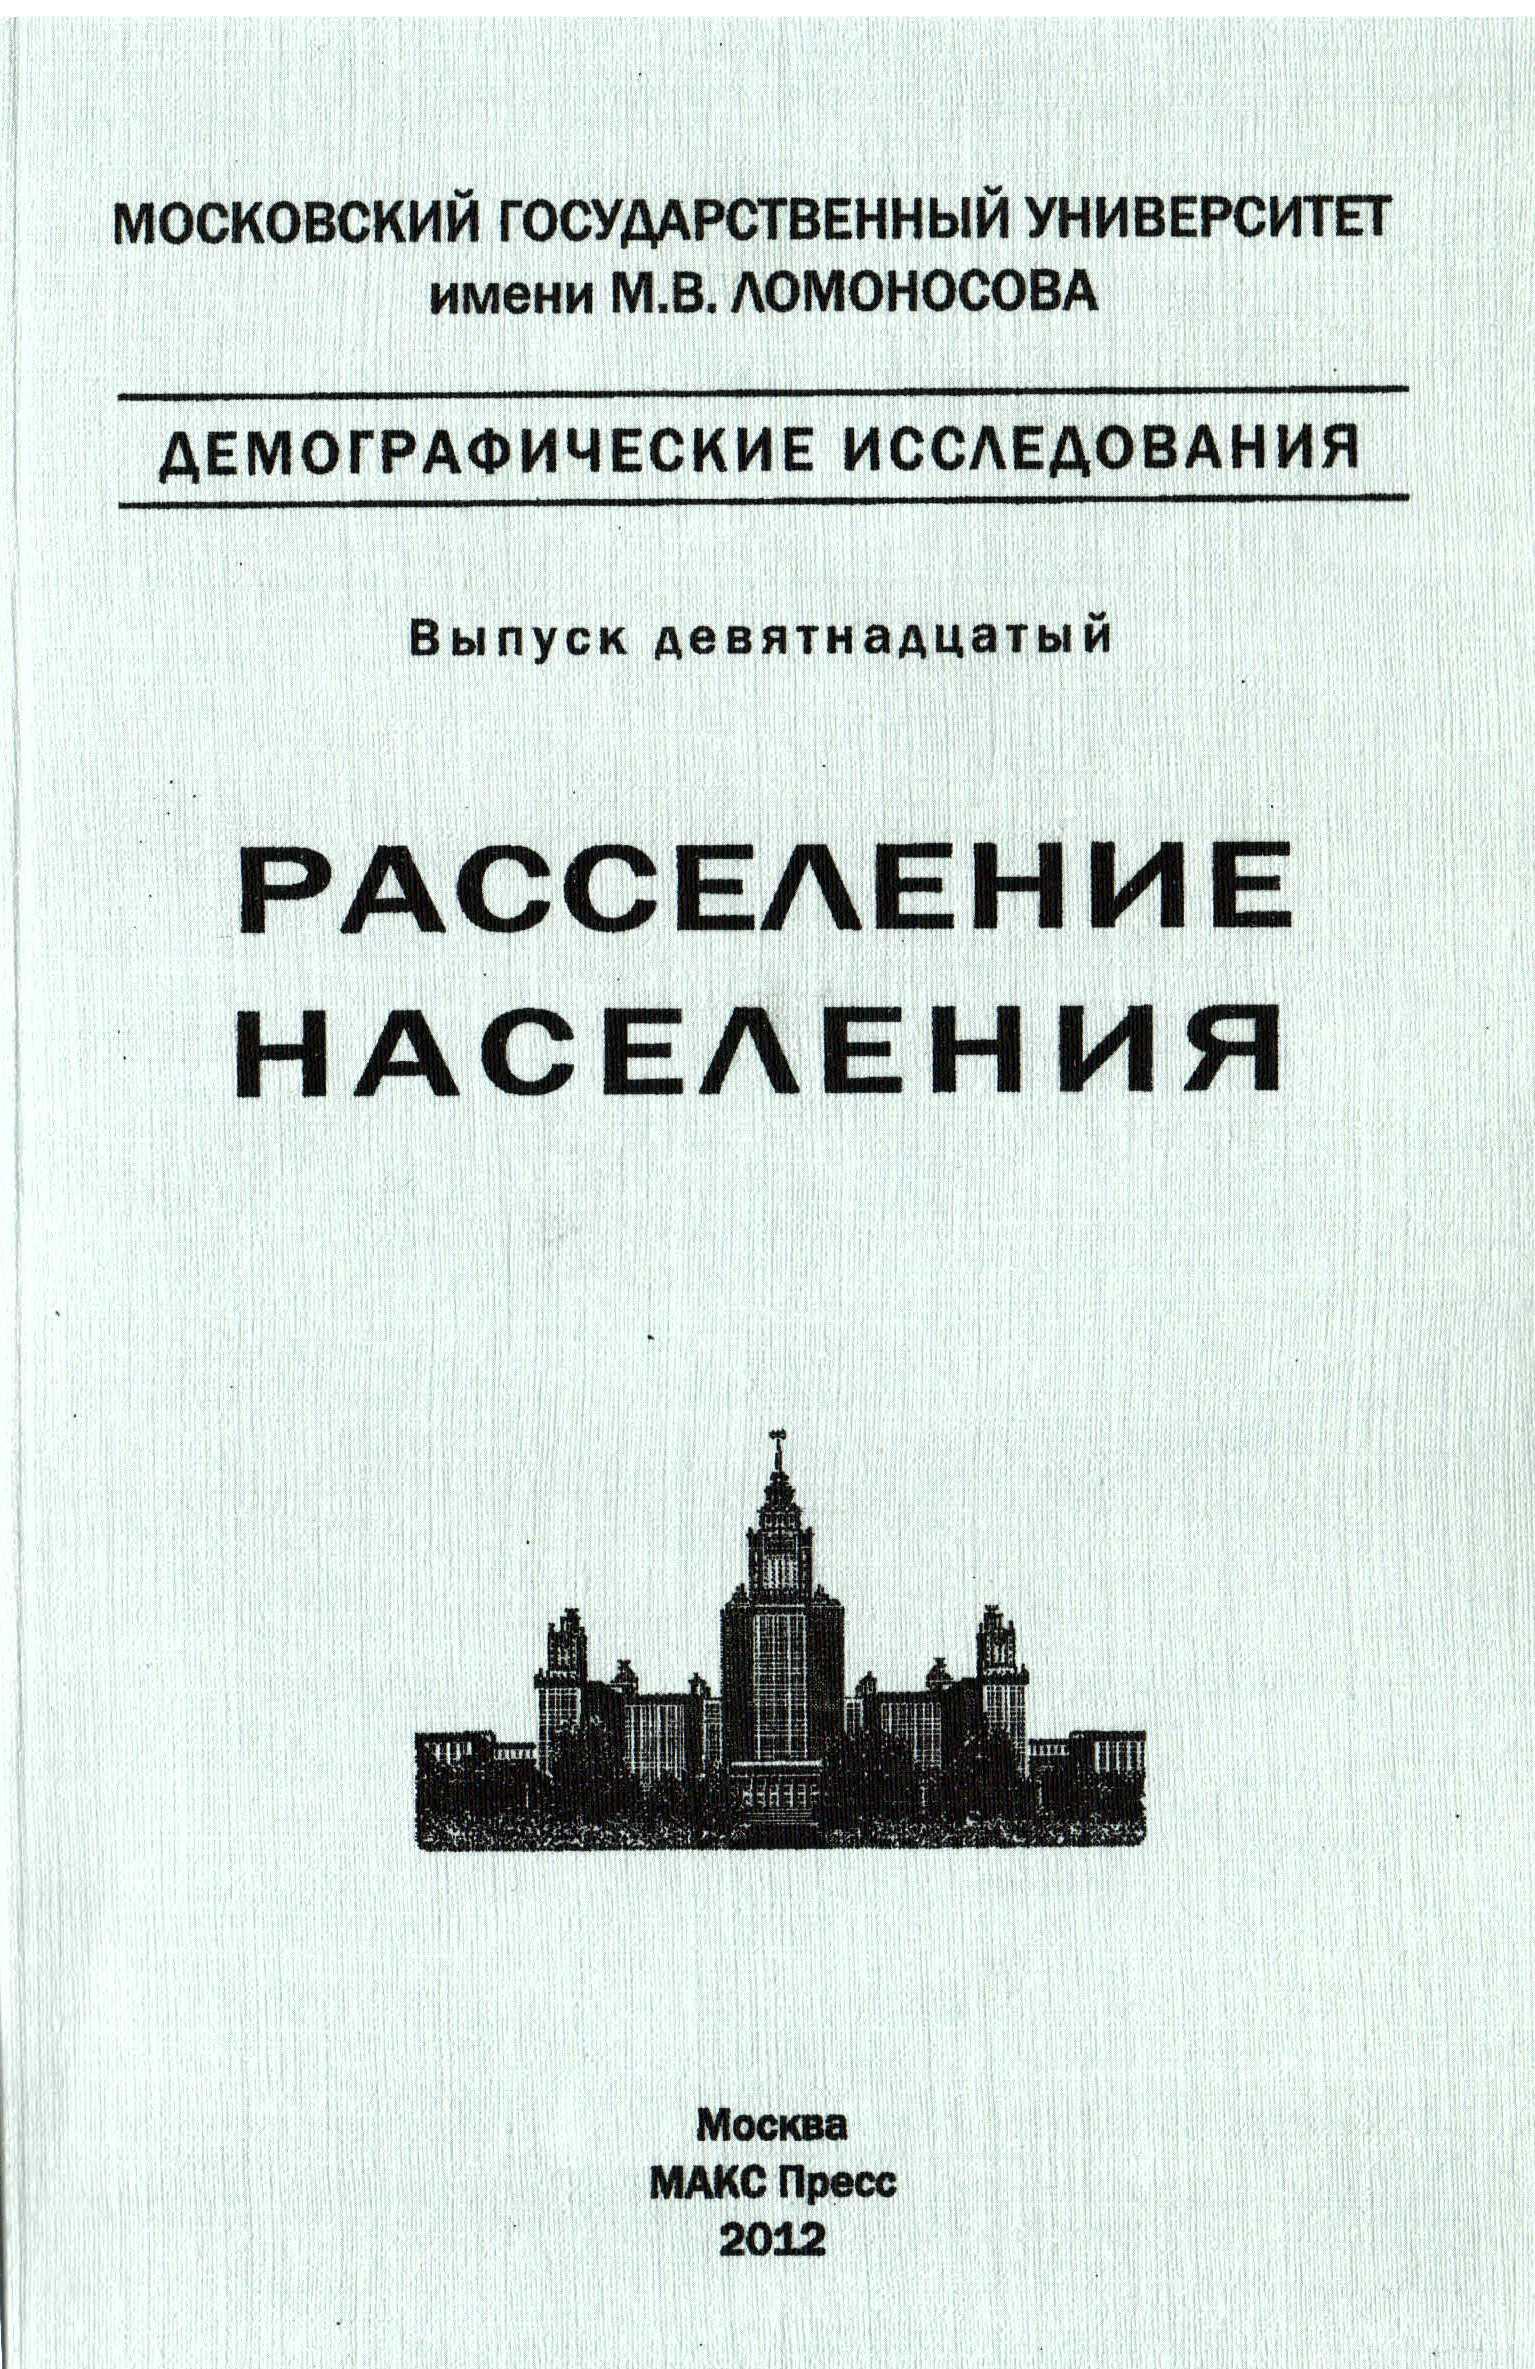 Особенности реализации демографической политики в некоторых регионах Севера России